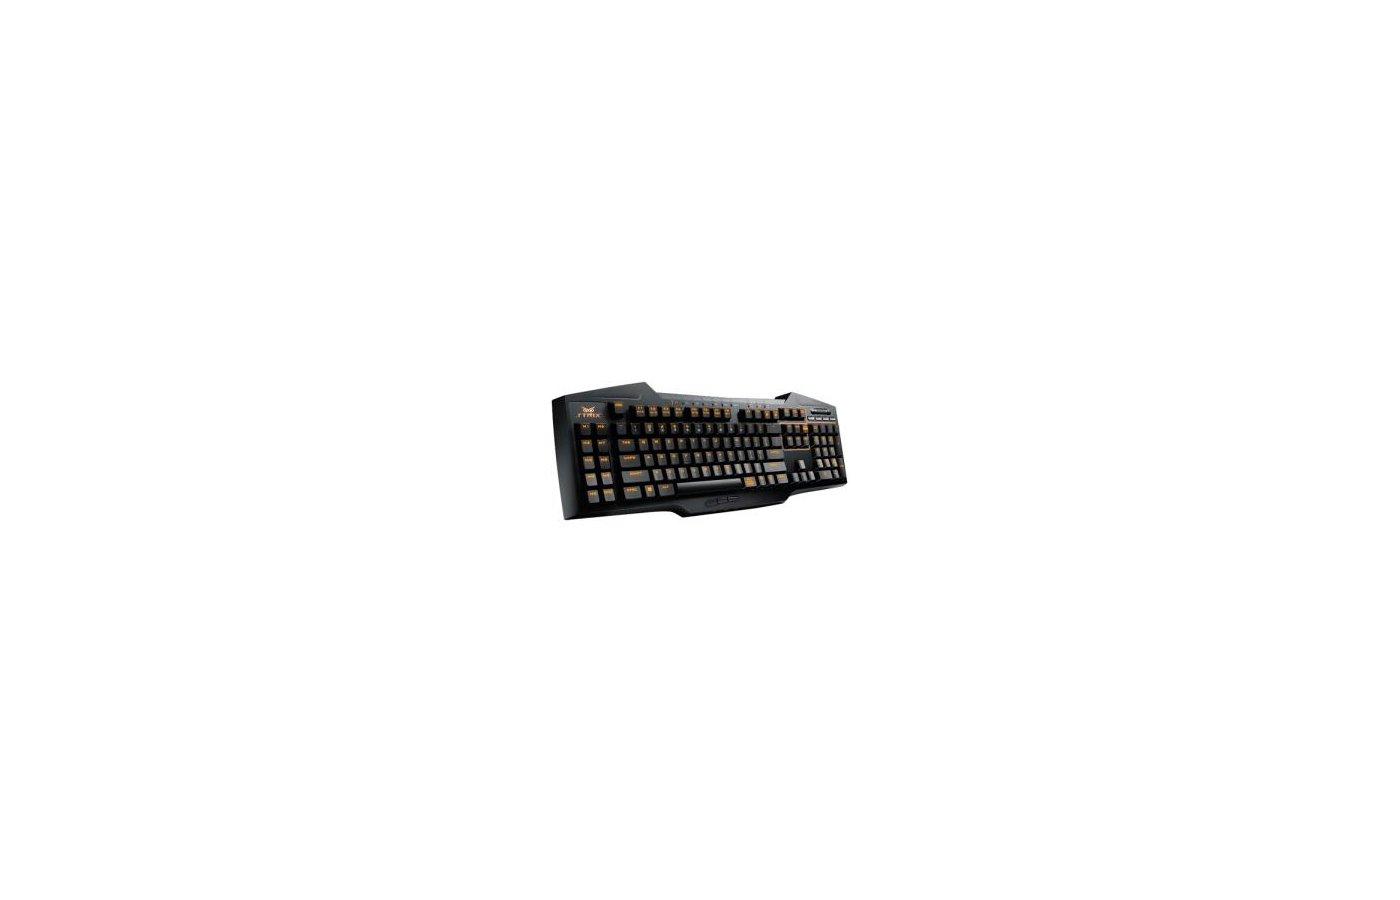 Клавиатура проводная Asus Strix Tactic Pro черный USB Multimedia Gamer Ergo для ноутбука Touch LED